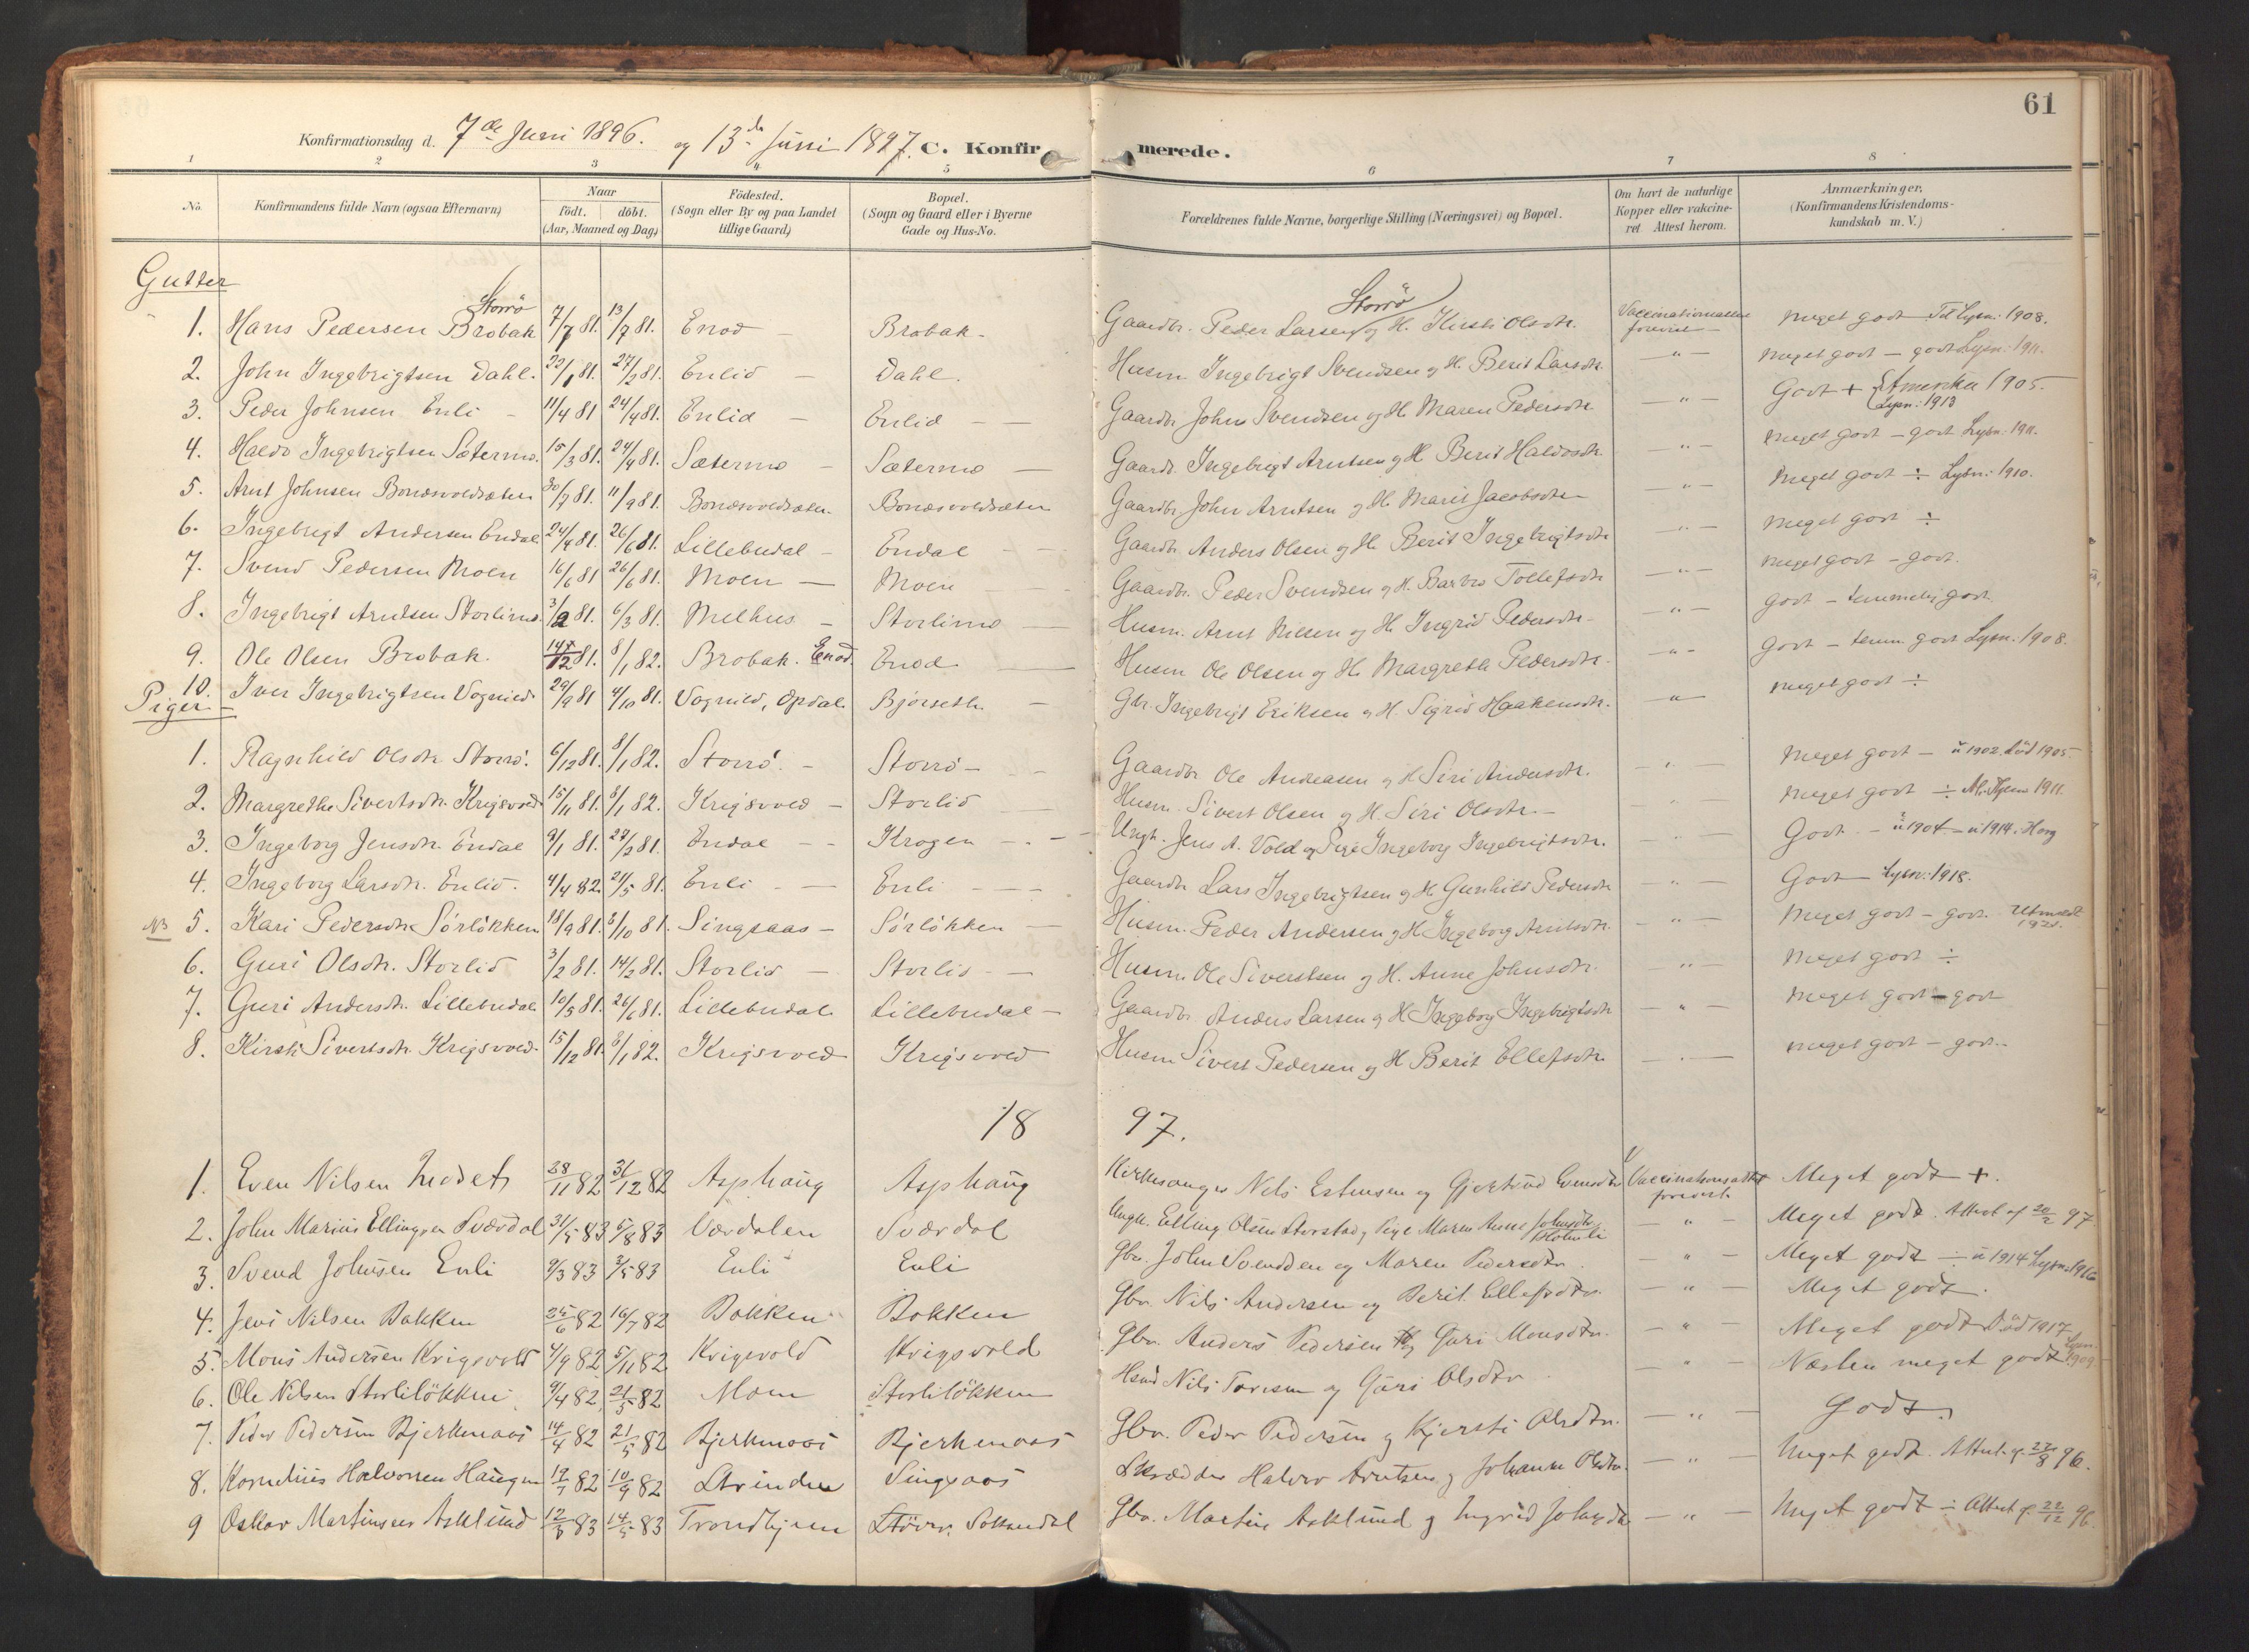 SAT, Ministerialprotokoller, klokkerbøker og fødselsregistre - Sør-Trøndelag, 690/L1050: Ministerialbok nr. 690A01, 1889-1929, s. 61